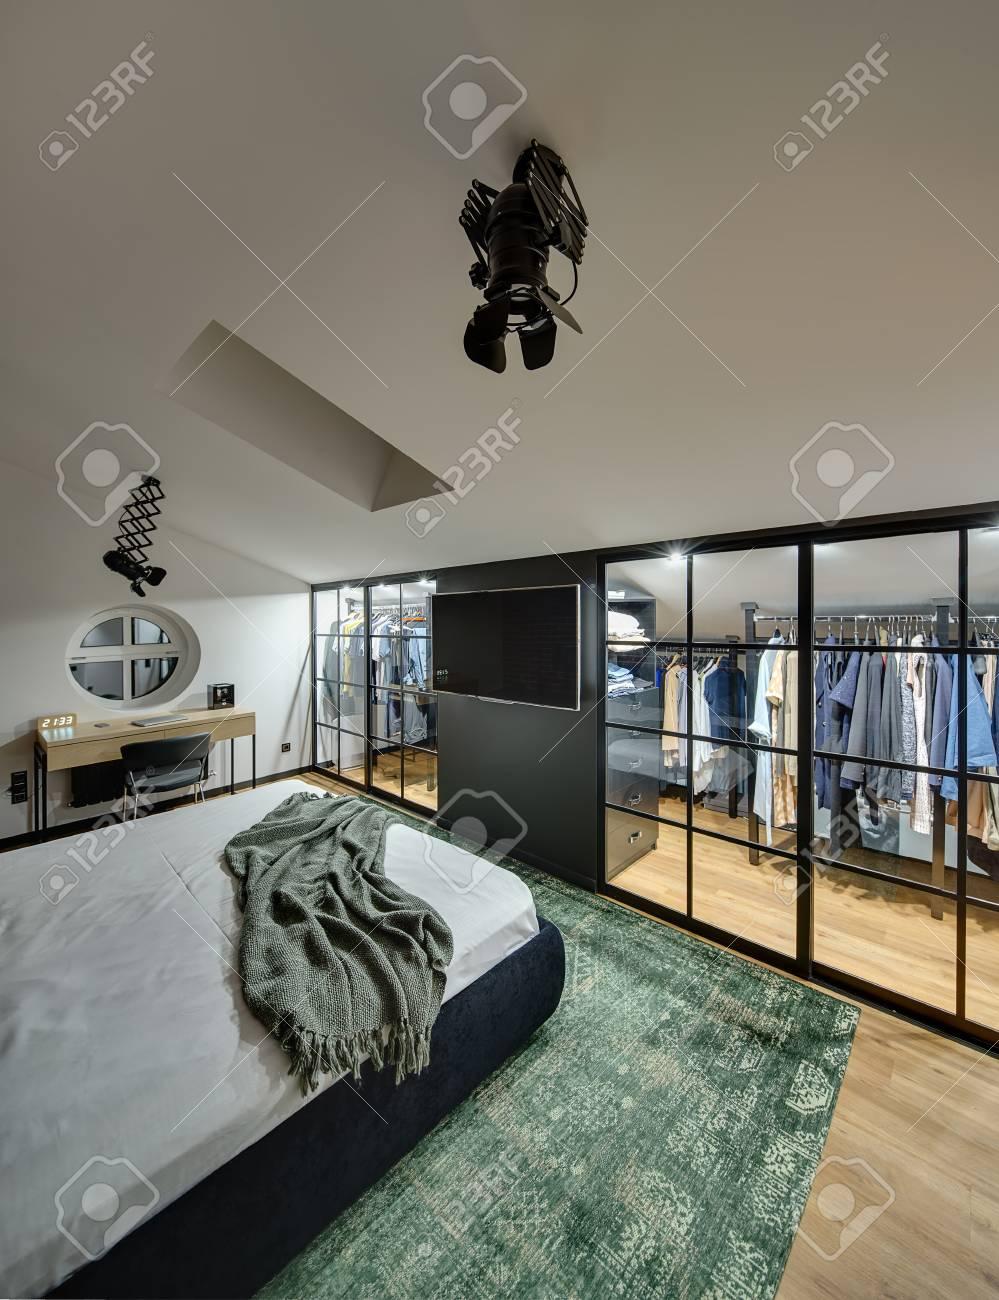 Wunderschöne Moderne Schlafzimmer Mit Garderobe Mit Leuchtenden ...